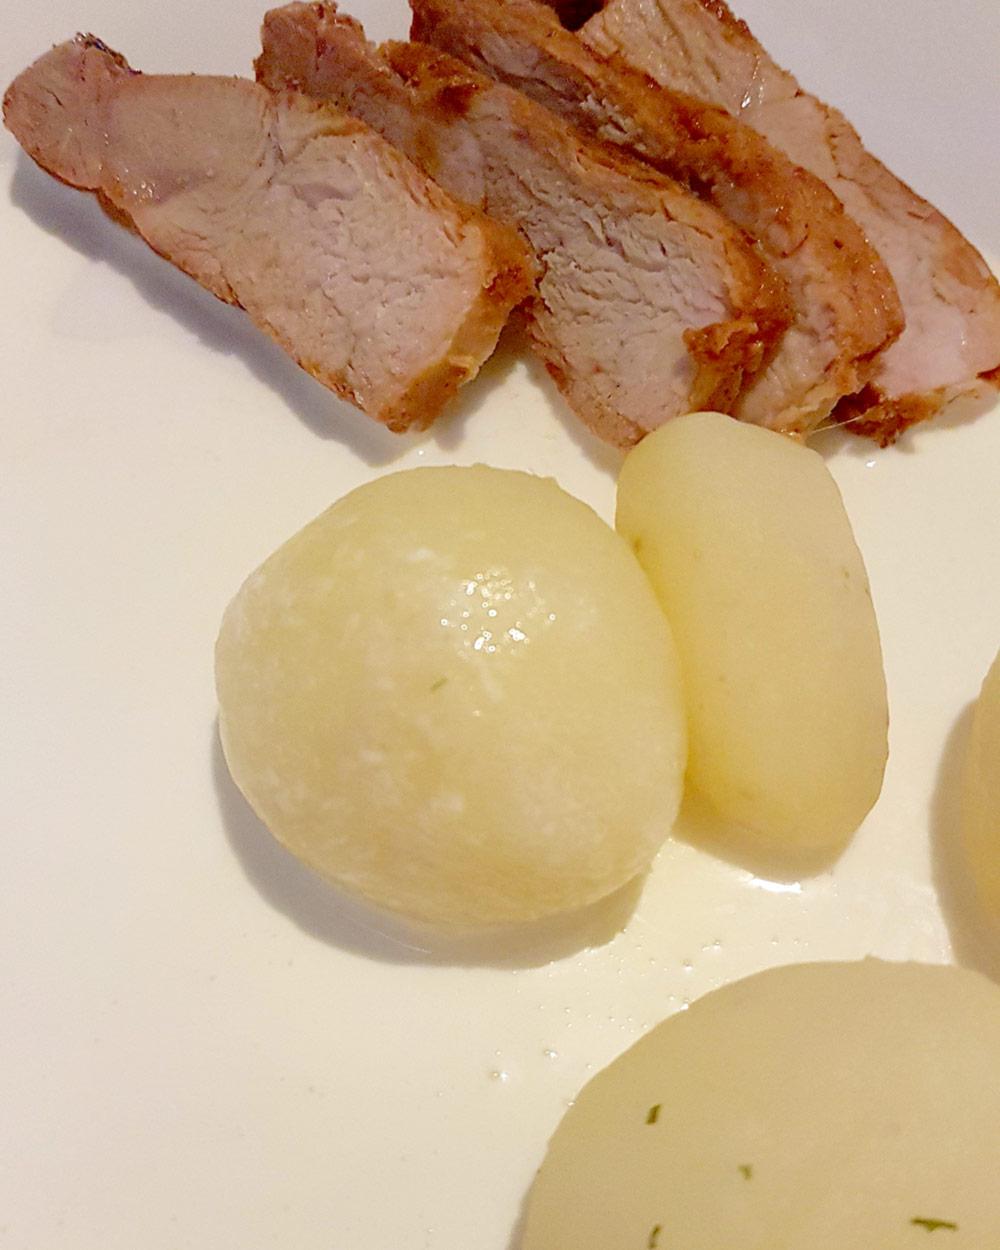 Helen J Holmberg - dillkokt svensk färskpotatis med marinerad flintastek till middag